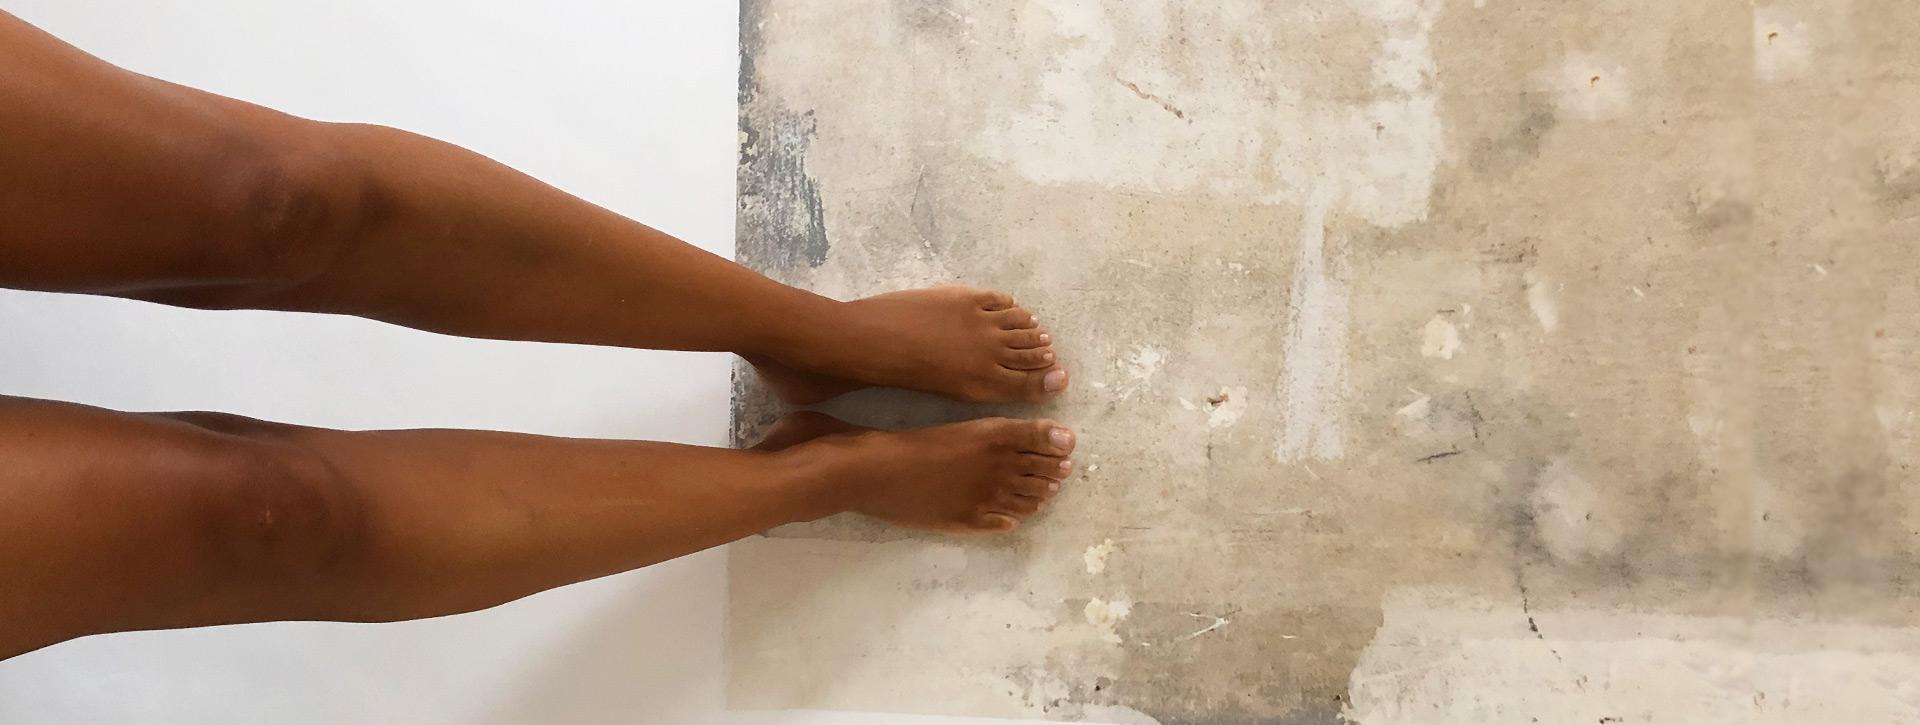 DIY At-Home Spa Treatments